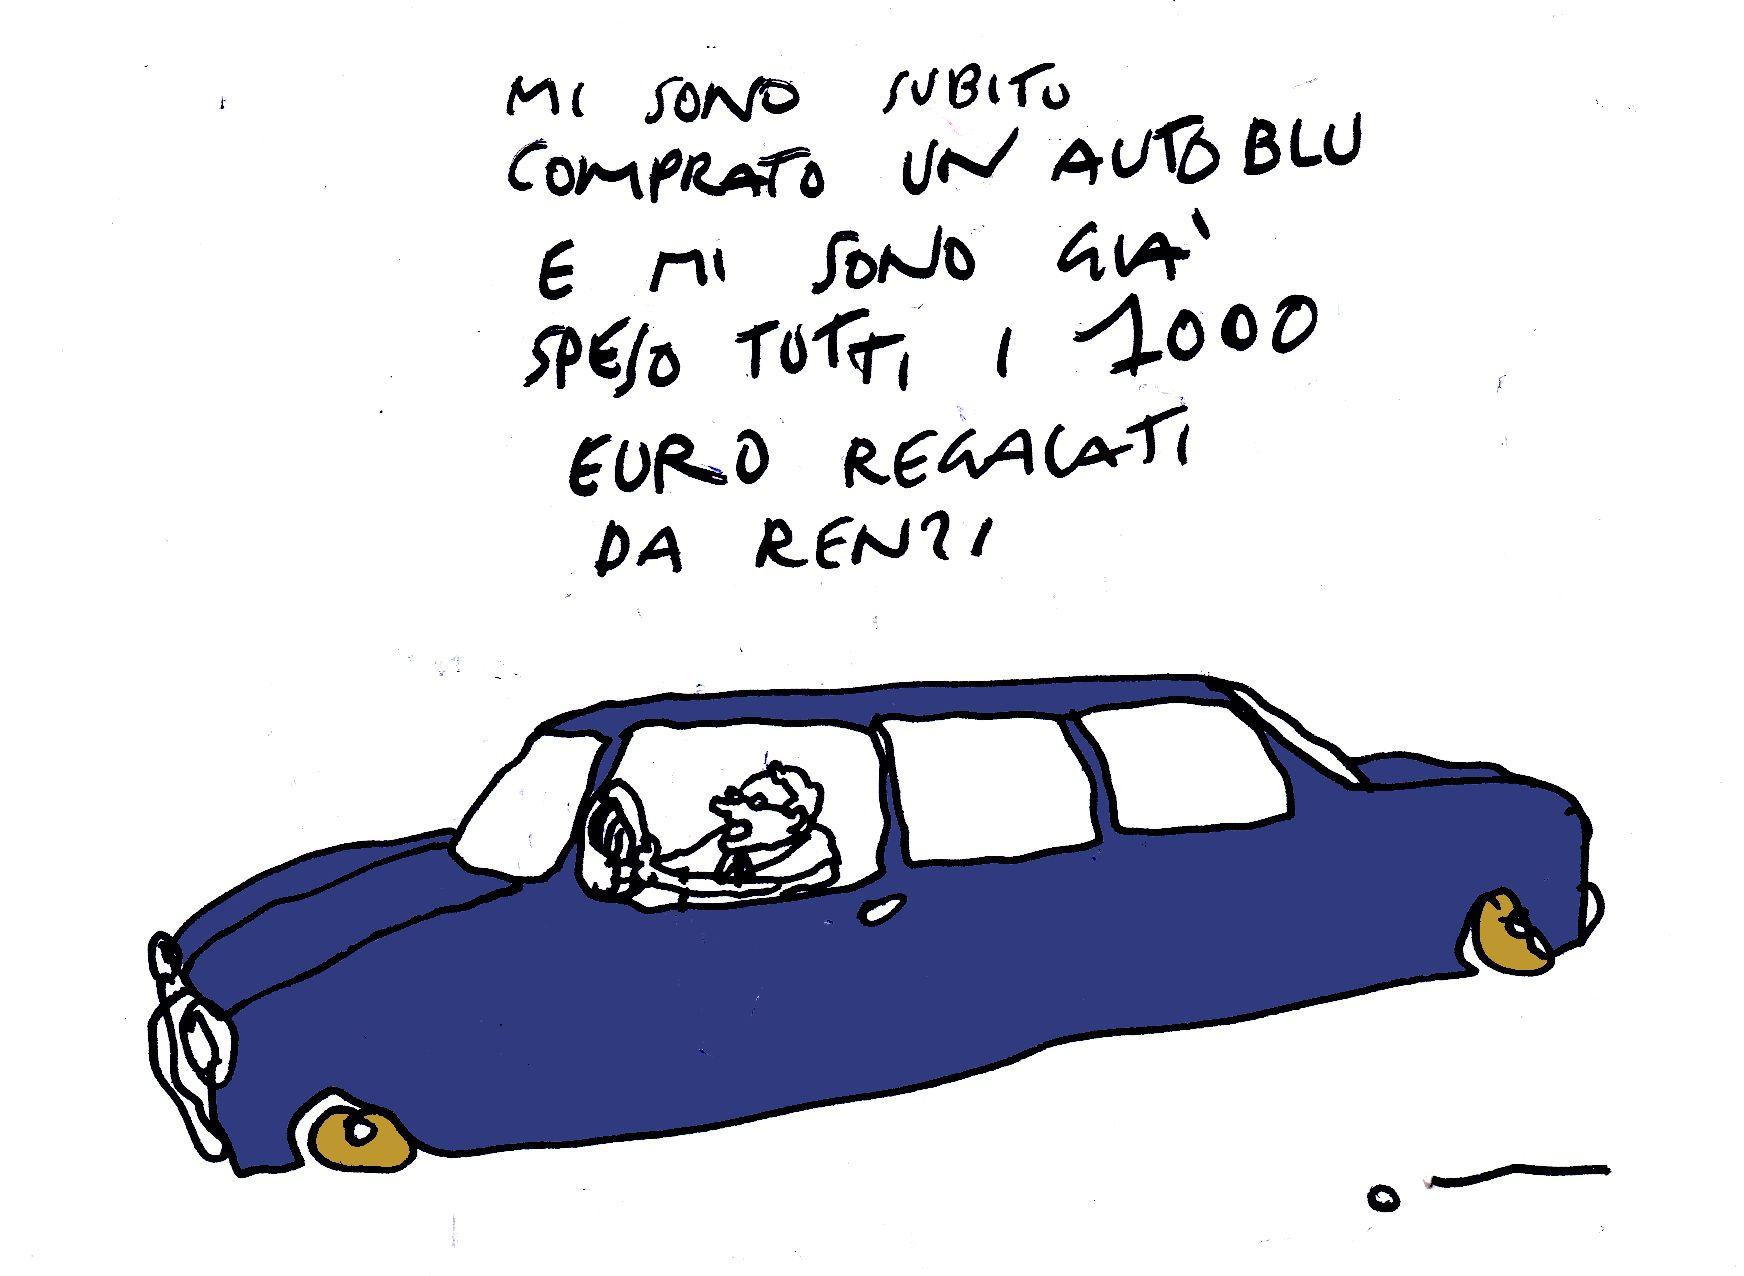 autok blu